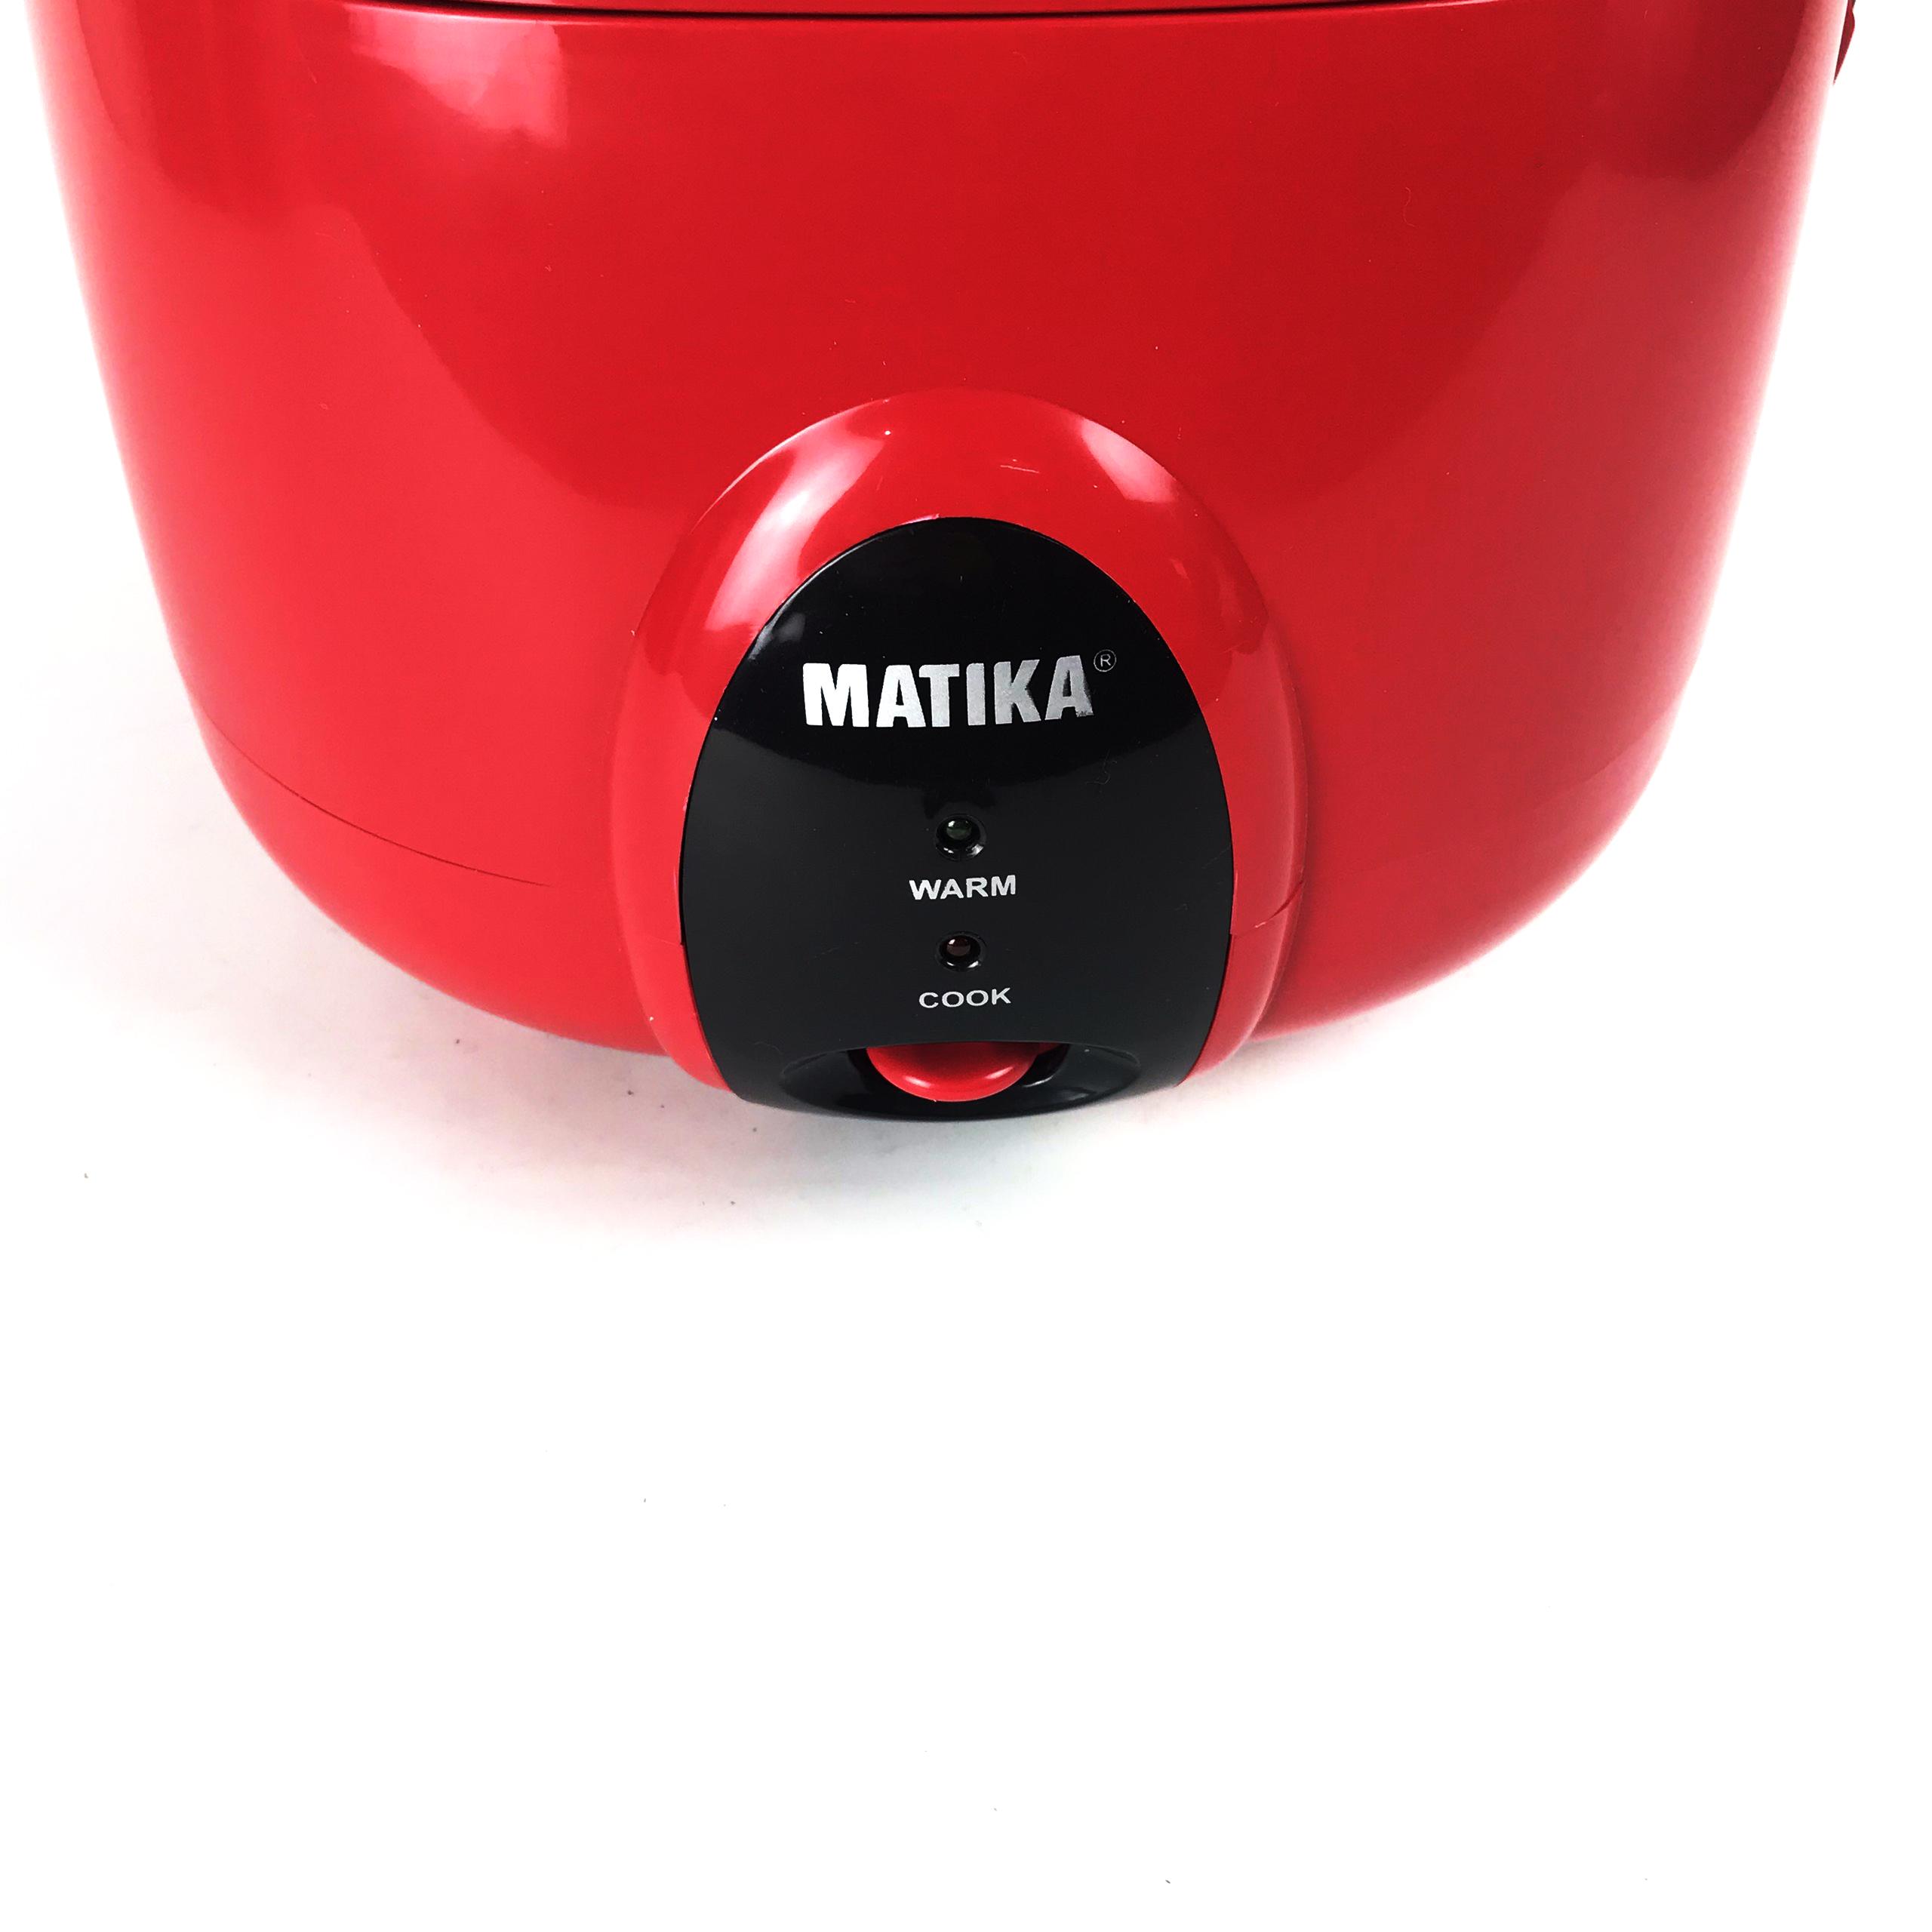 Nồi cơm điện Matika MTK-RC1545 dung tích 1.5L - Hàng chính hãng